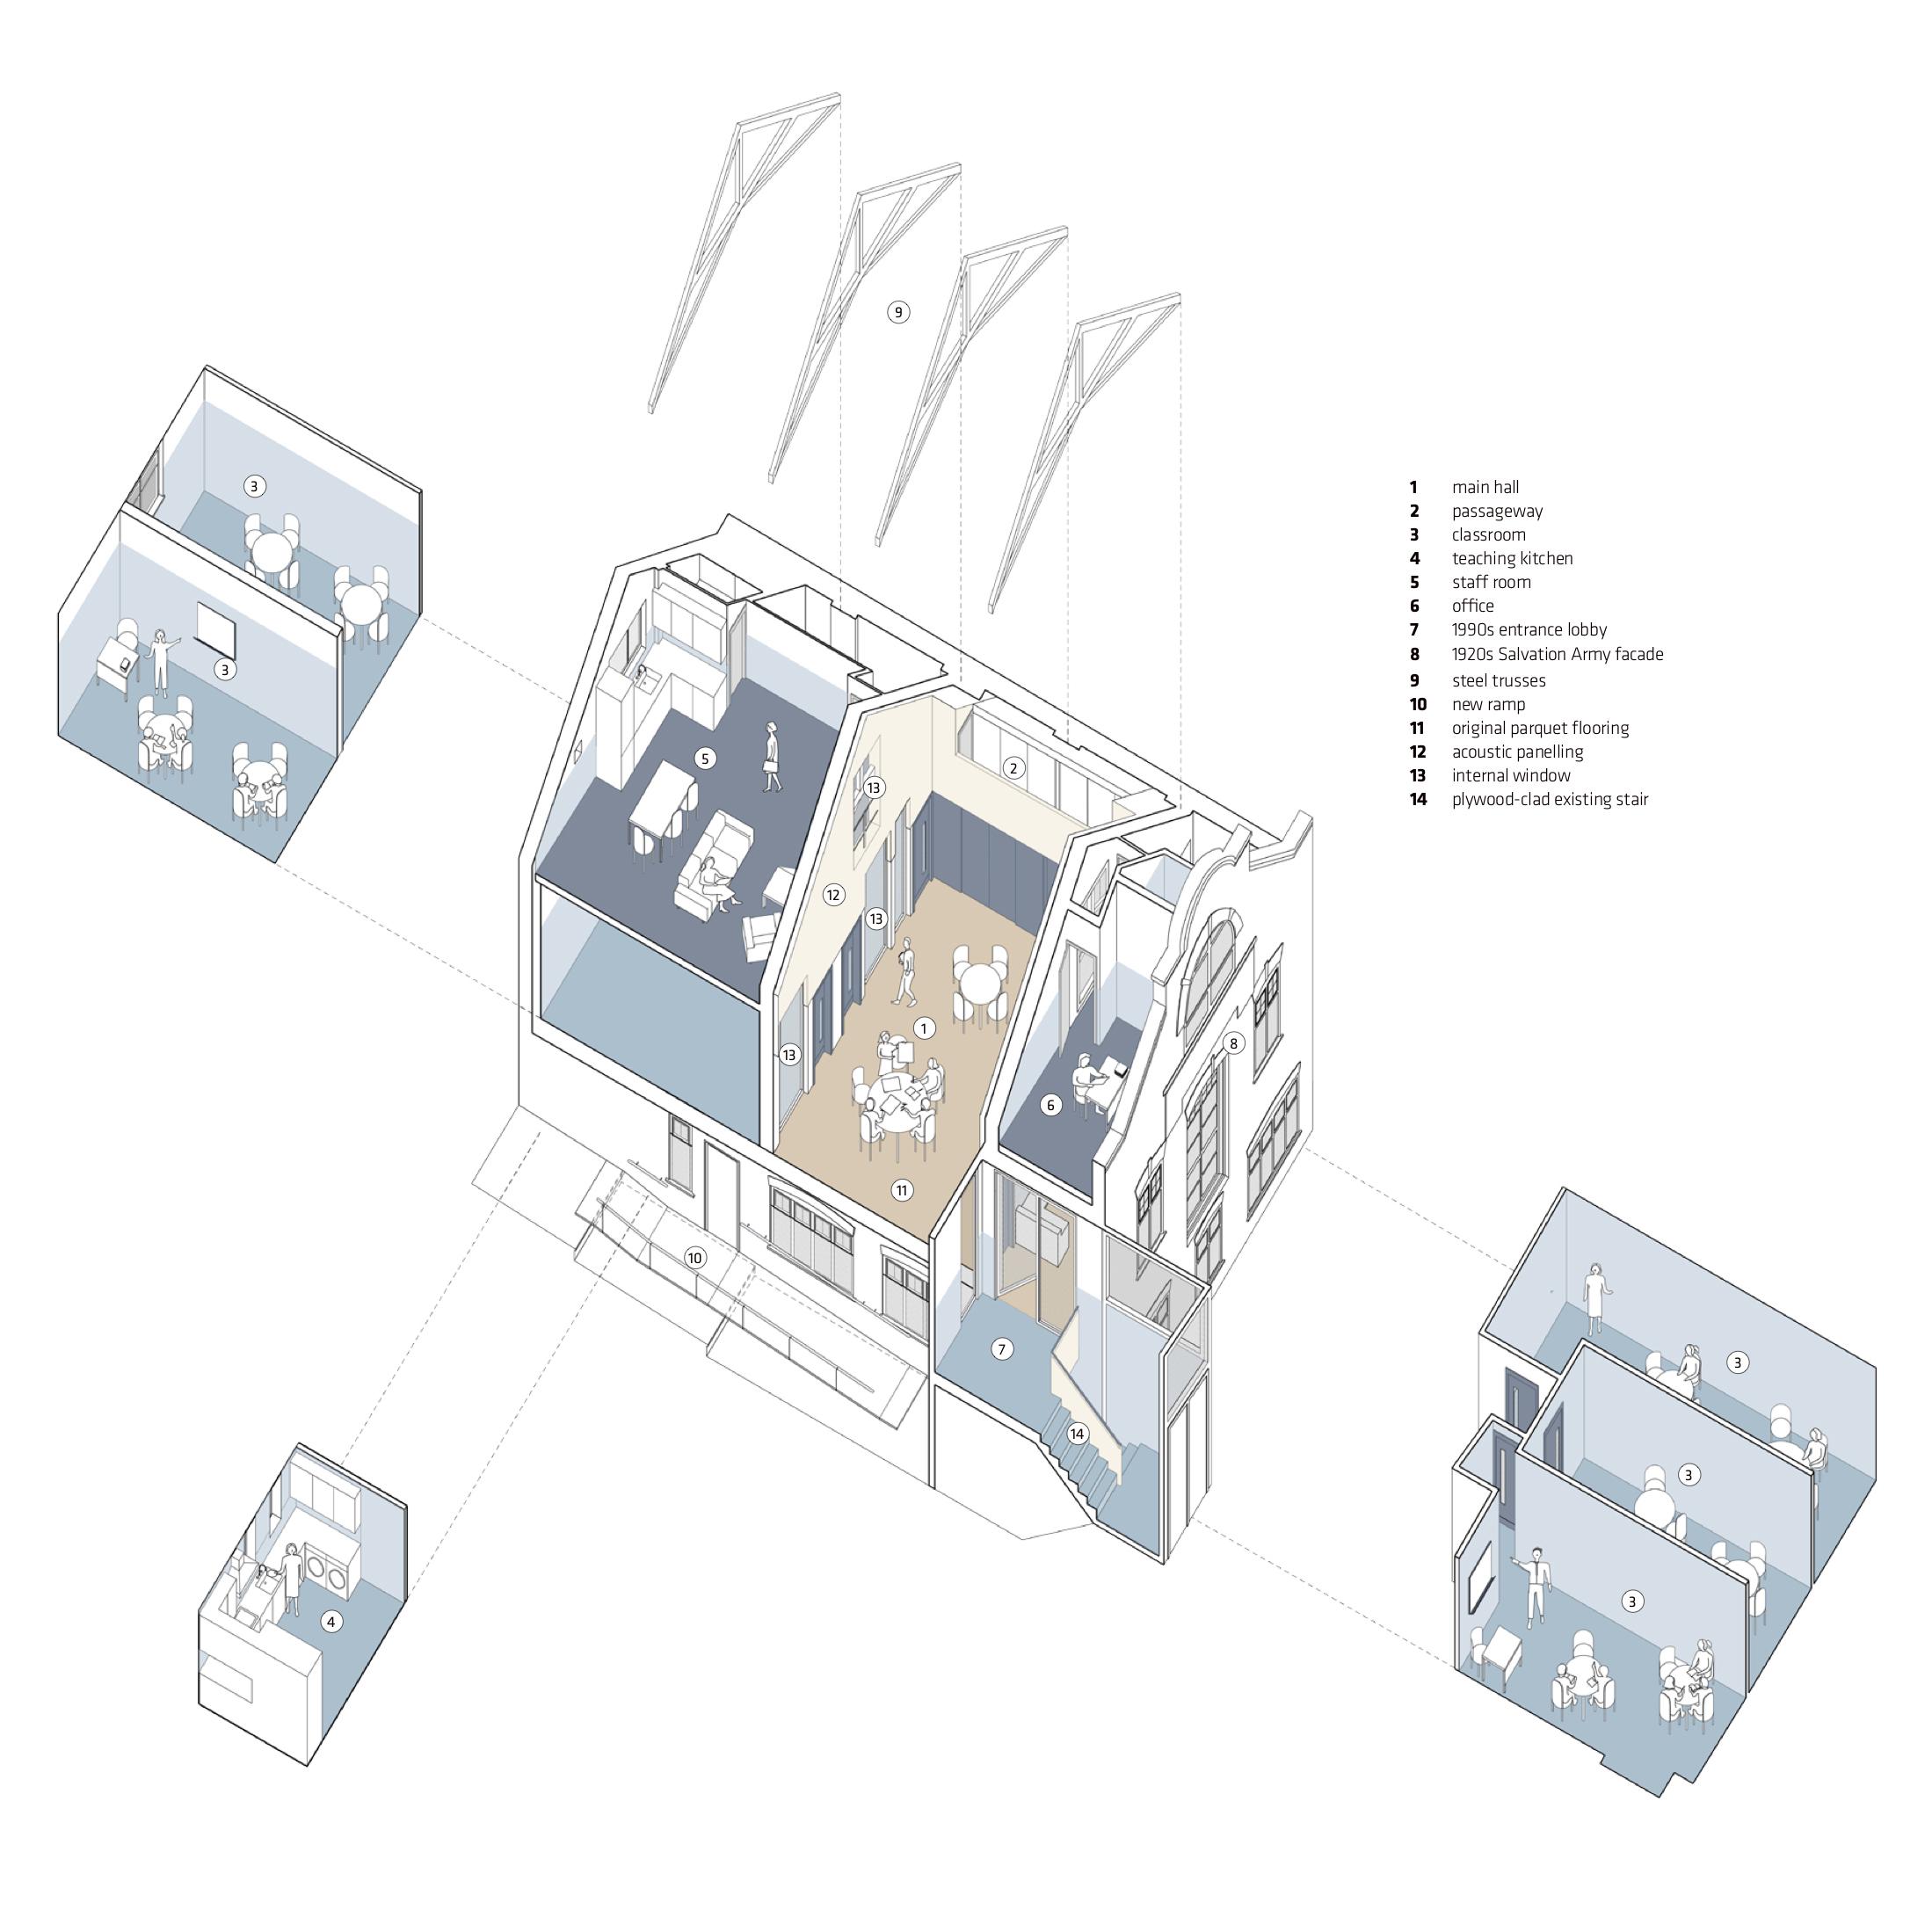 Snowflake School in London, Axonometrie